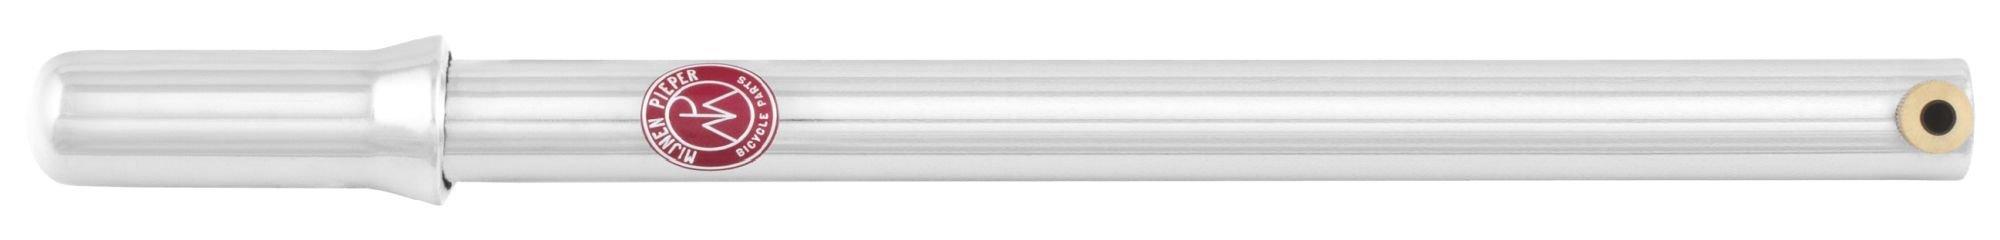 rahmenpumpen/Pumpen: MPieper  Rahmenpumpe No. 3